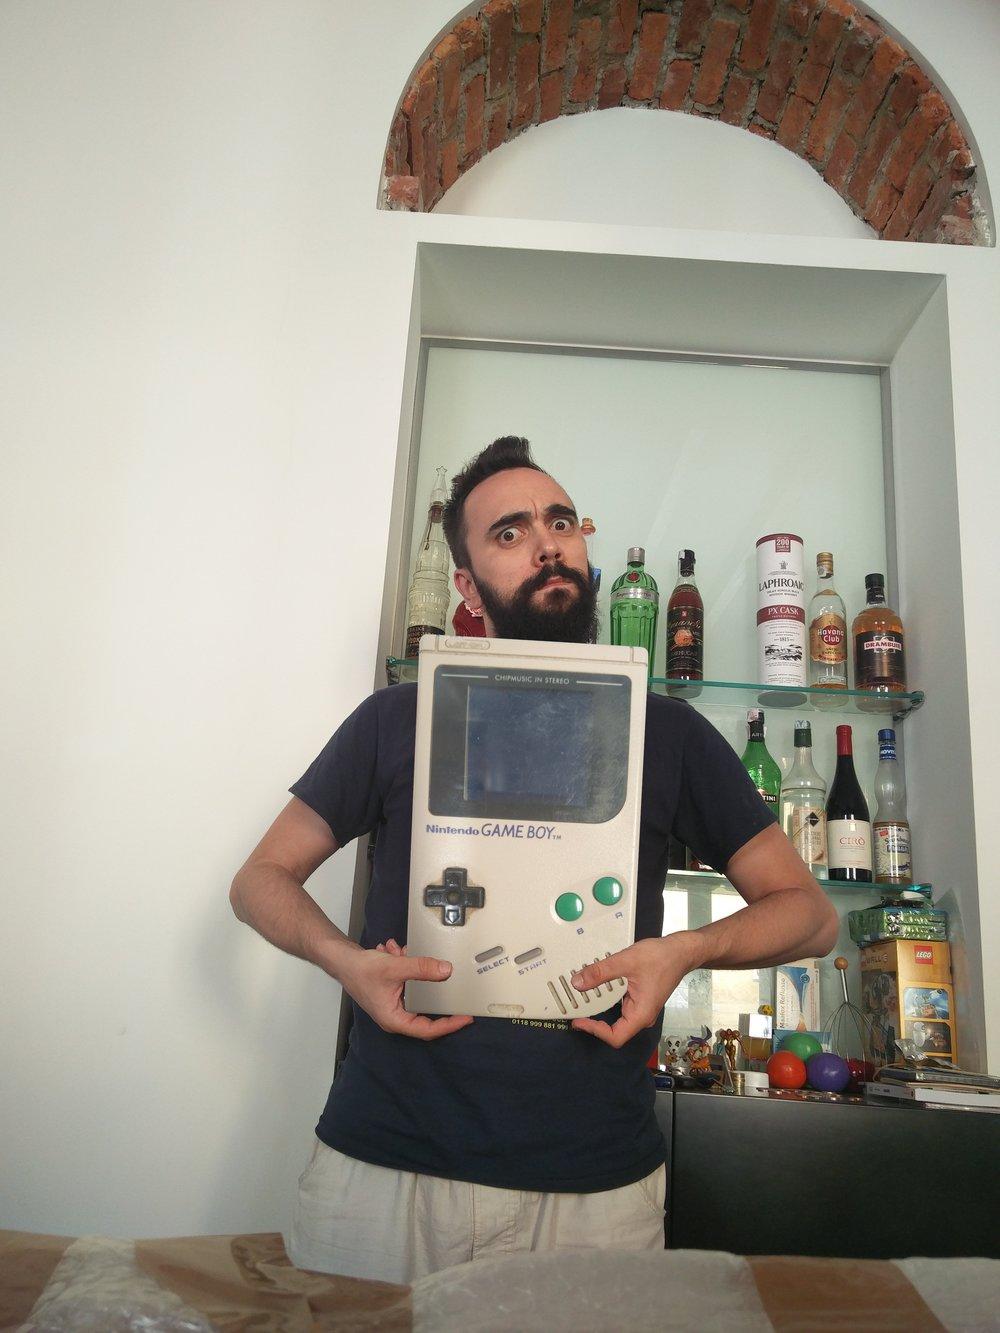 Questo, invece, è il Game Boy Maxi.